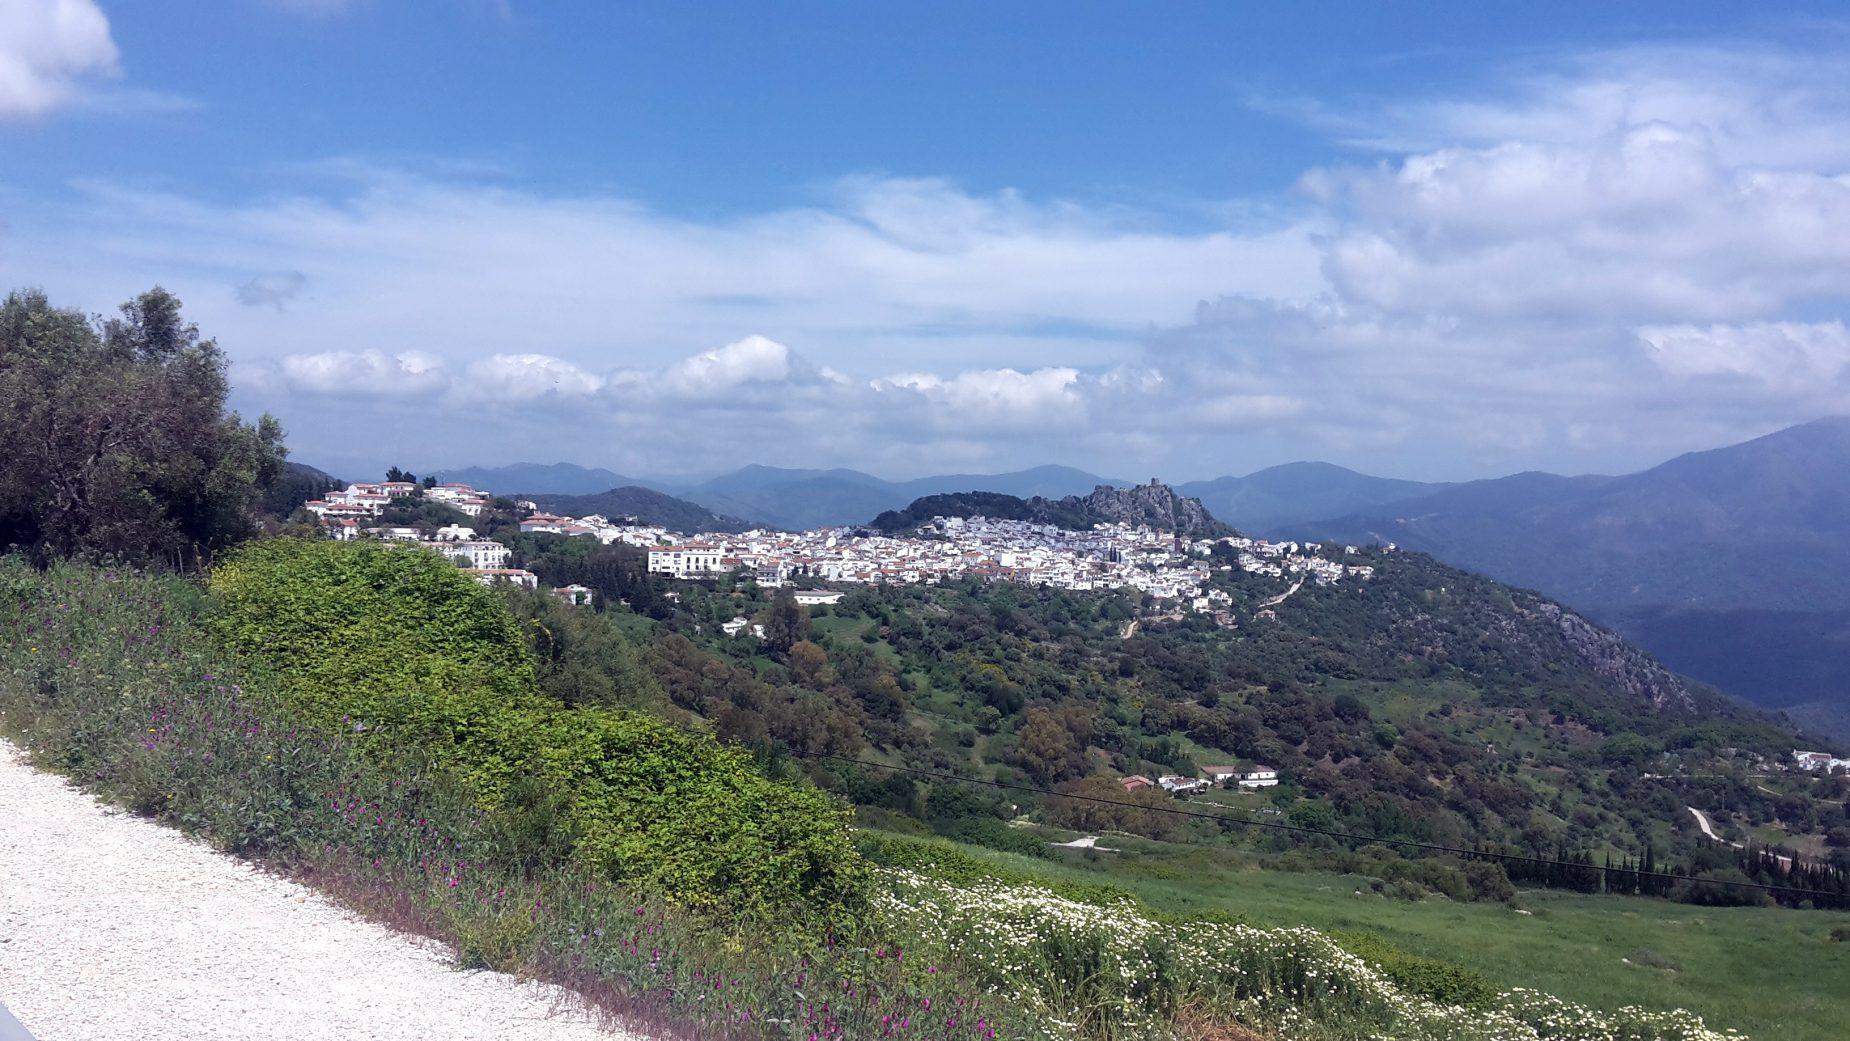 Fietsen-Zuid-Spanje-met-uitzicht-over-witte-dorpjes